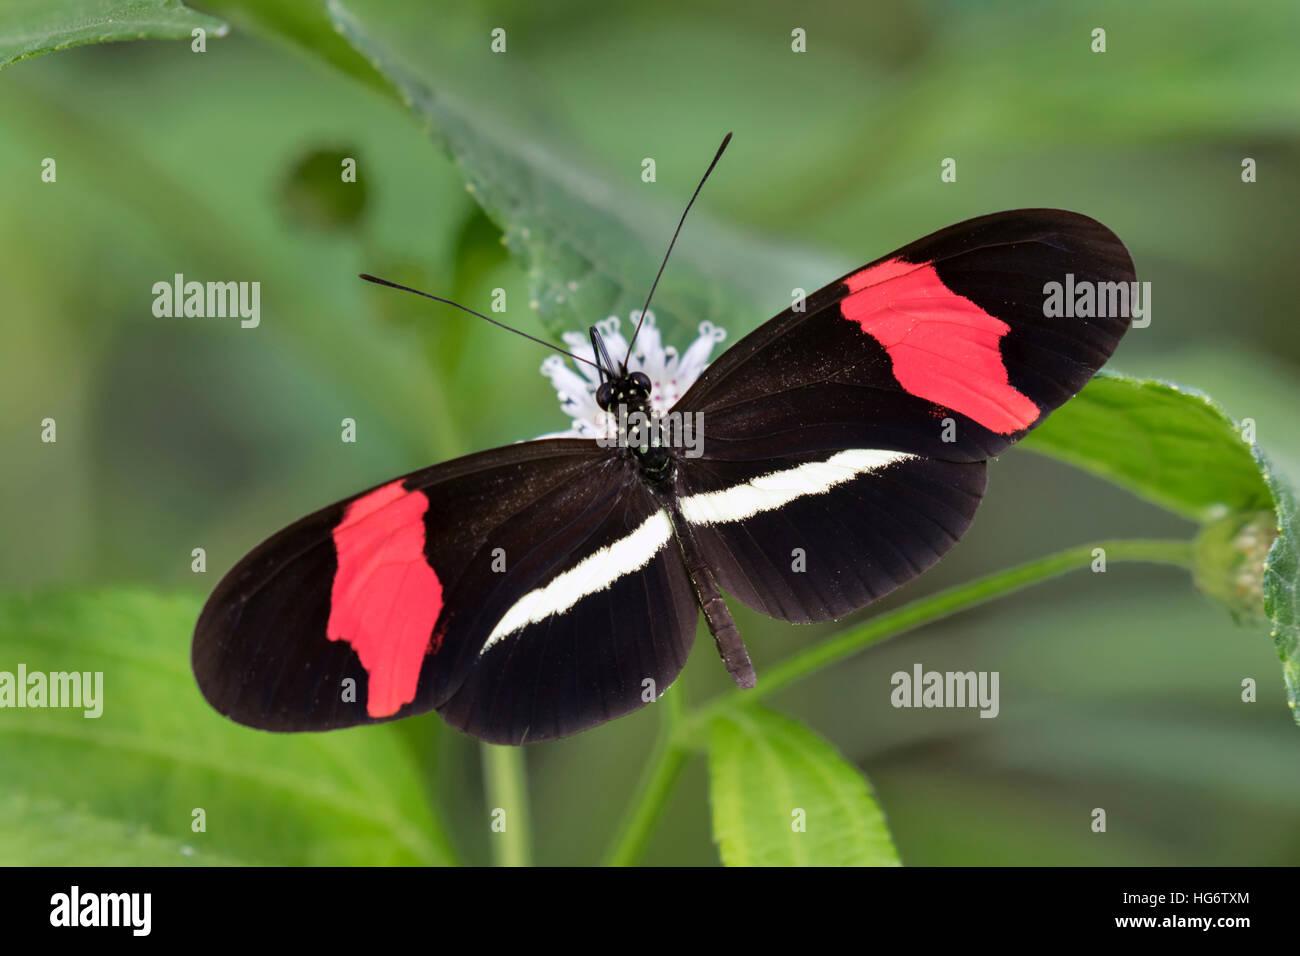 Papillon rouge postman (Heliconius erato) se nourrissant sur une fleur, Belize, Amérique Centrale Photo Stock